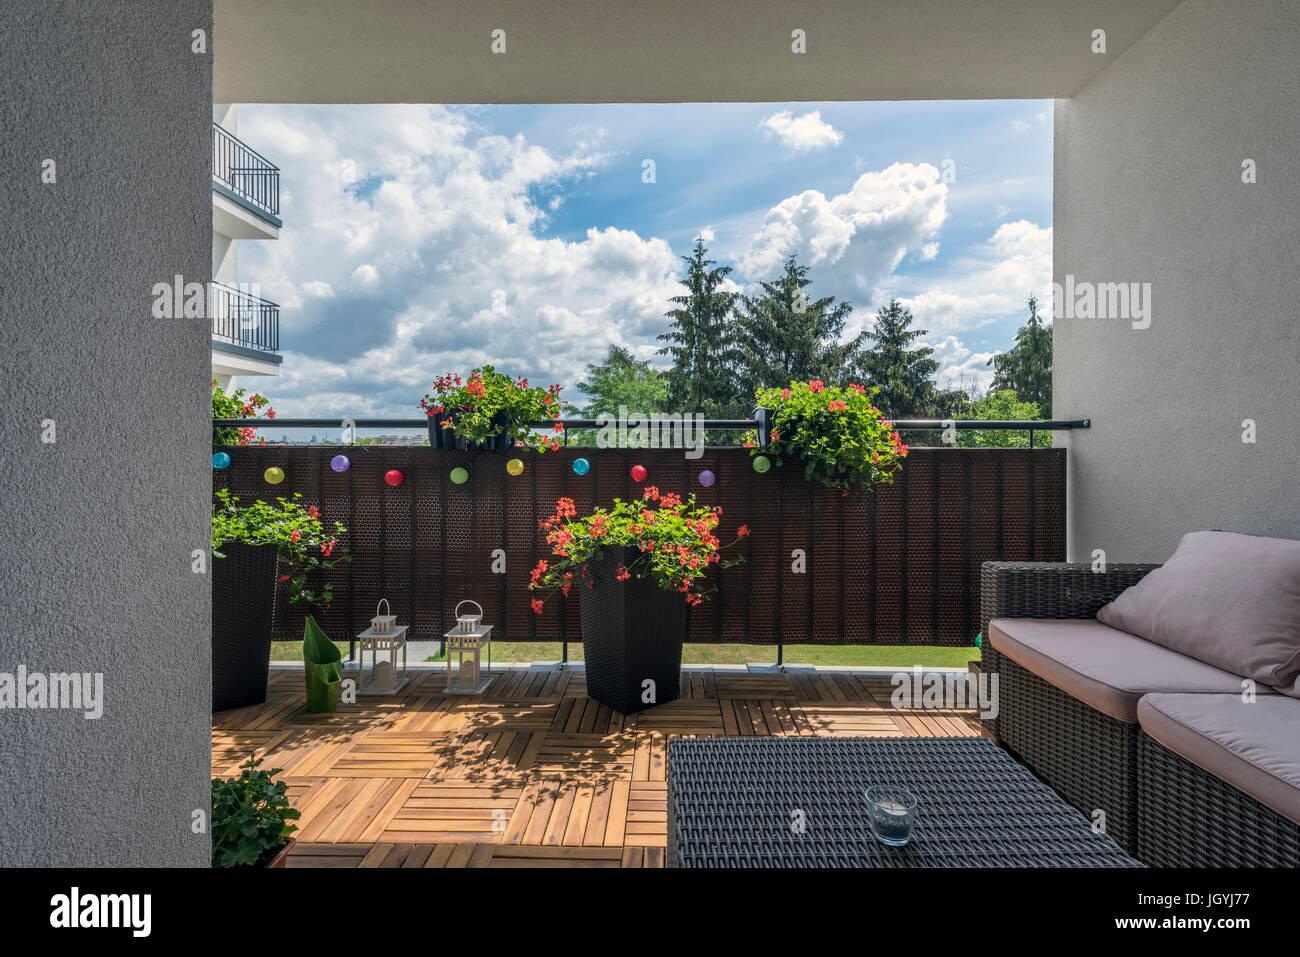 Casa Terraza Con Suelo De Madera Y Zona De Relax Foto